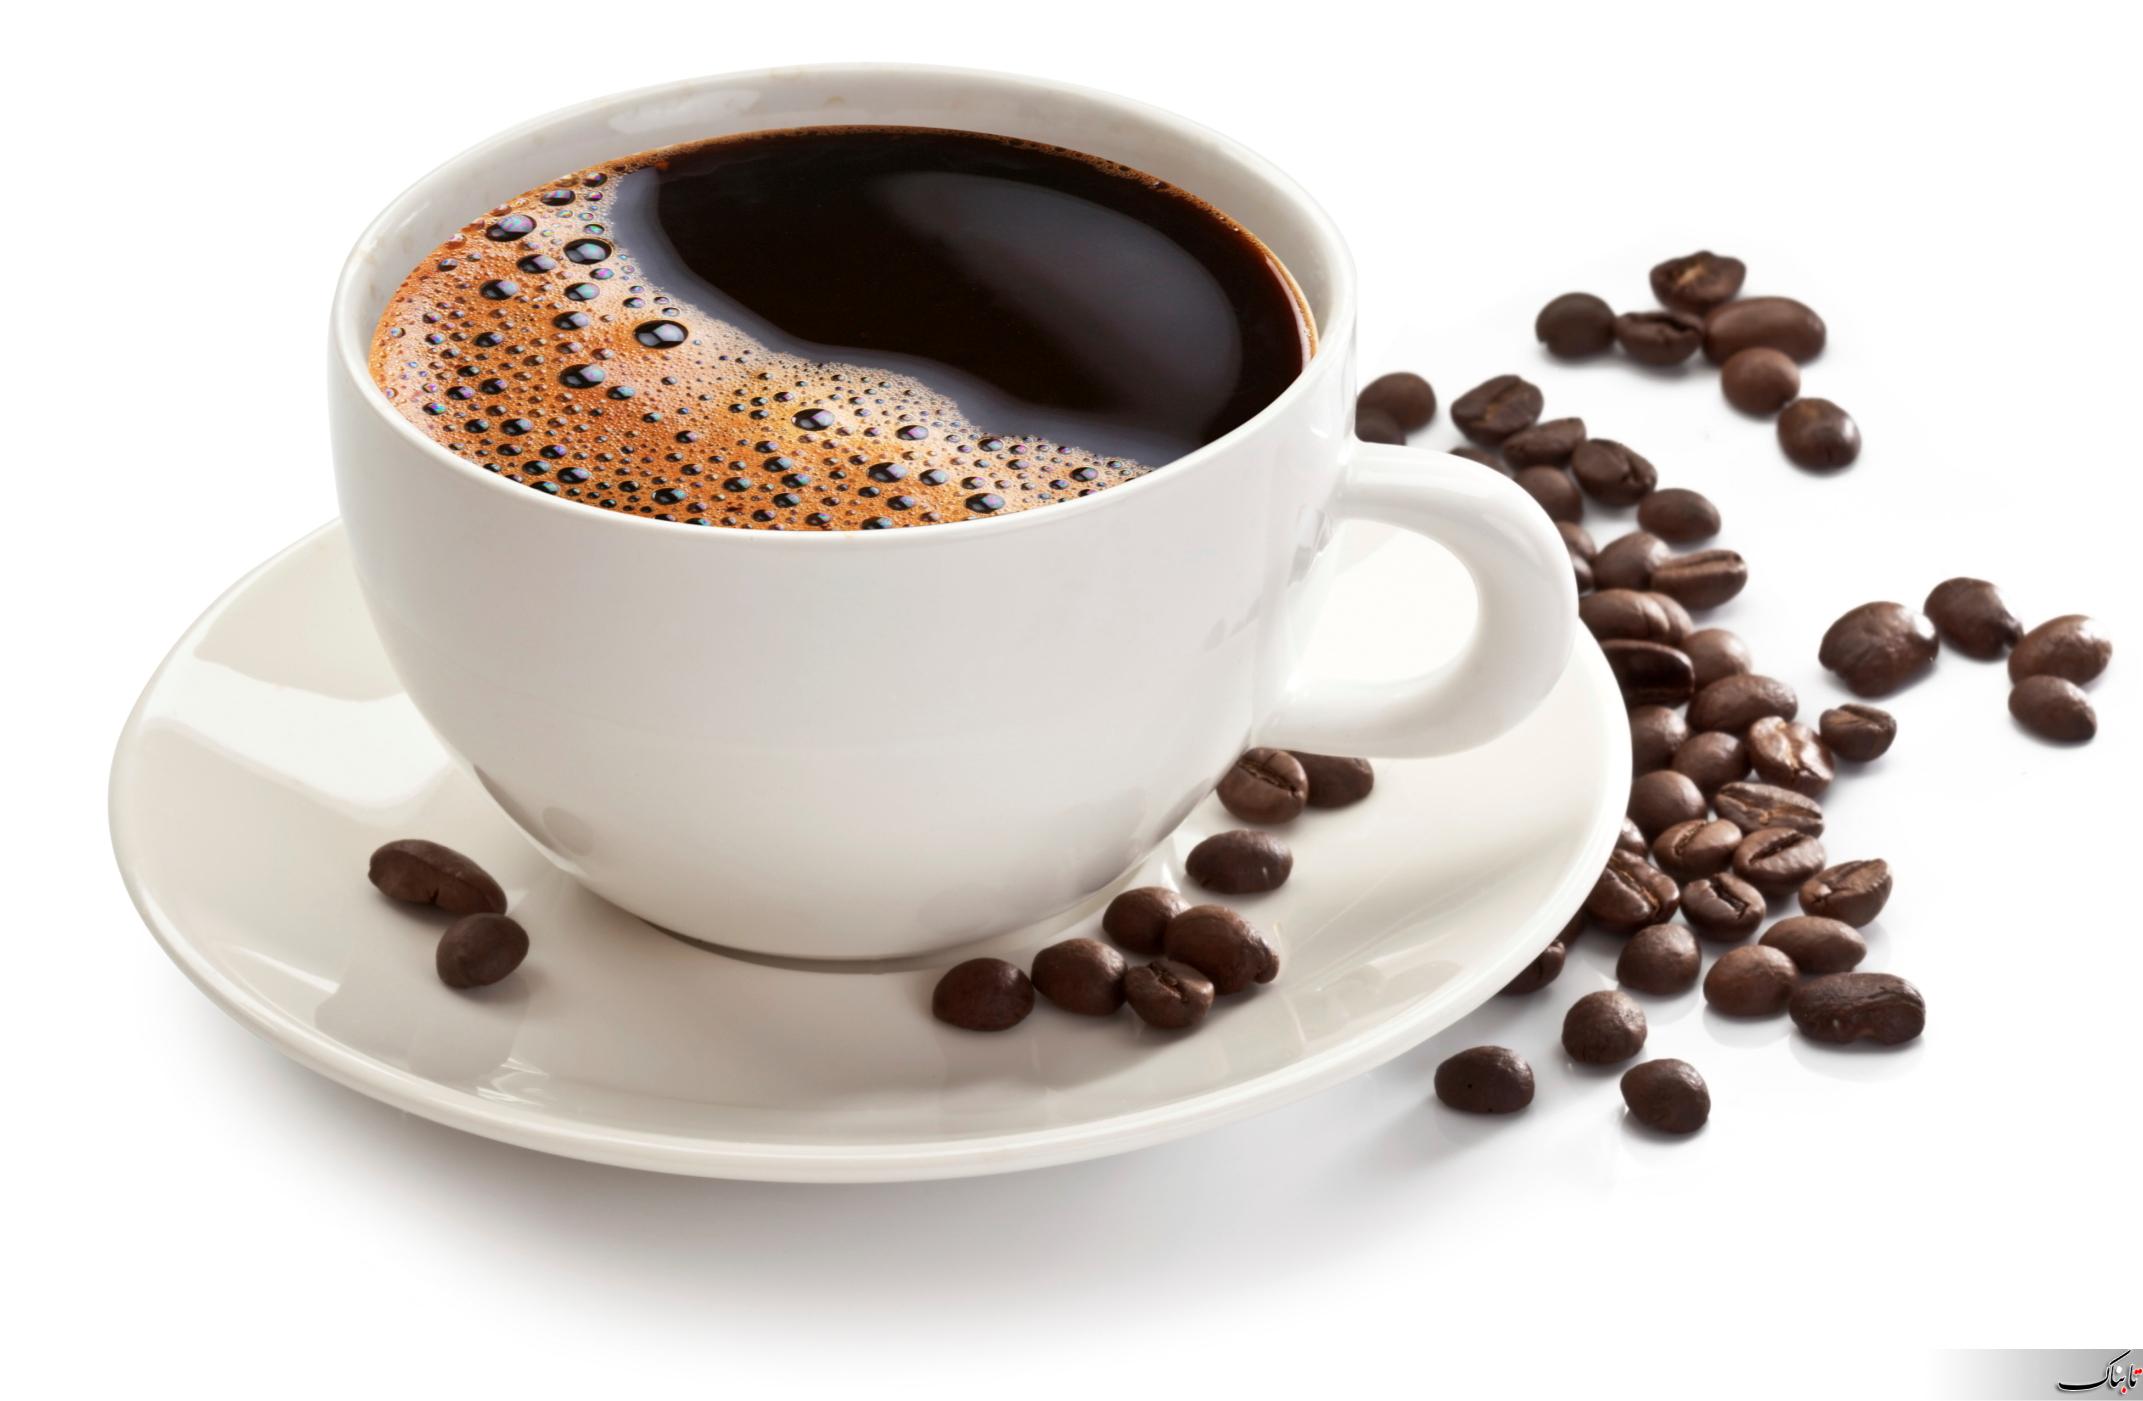 رژیم غذایی کبد چرب گرید ۲: استفاده از قهوه